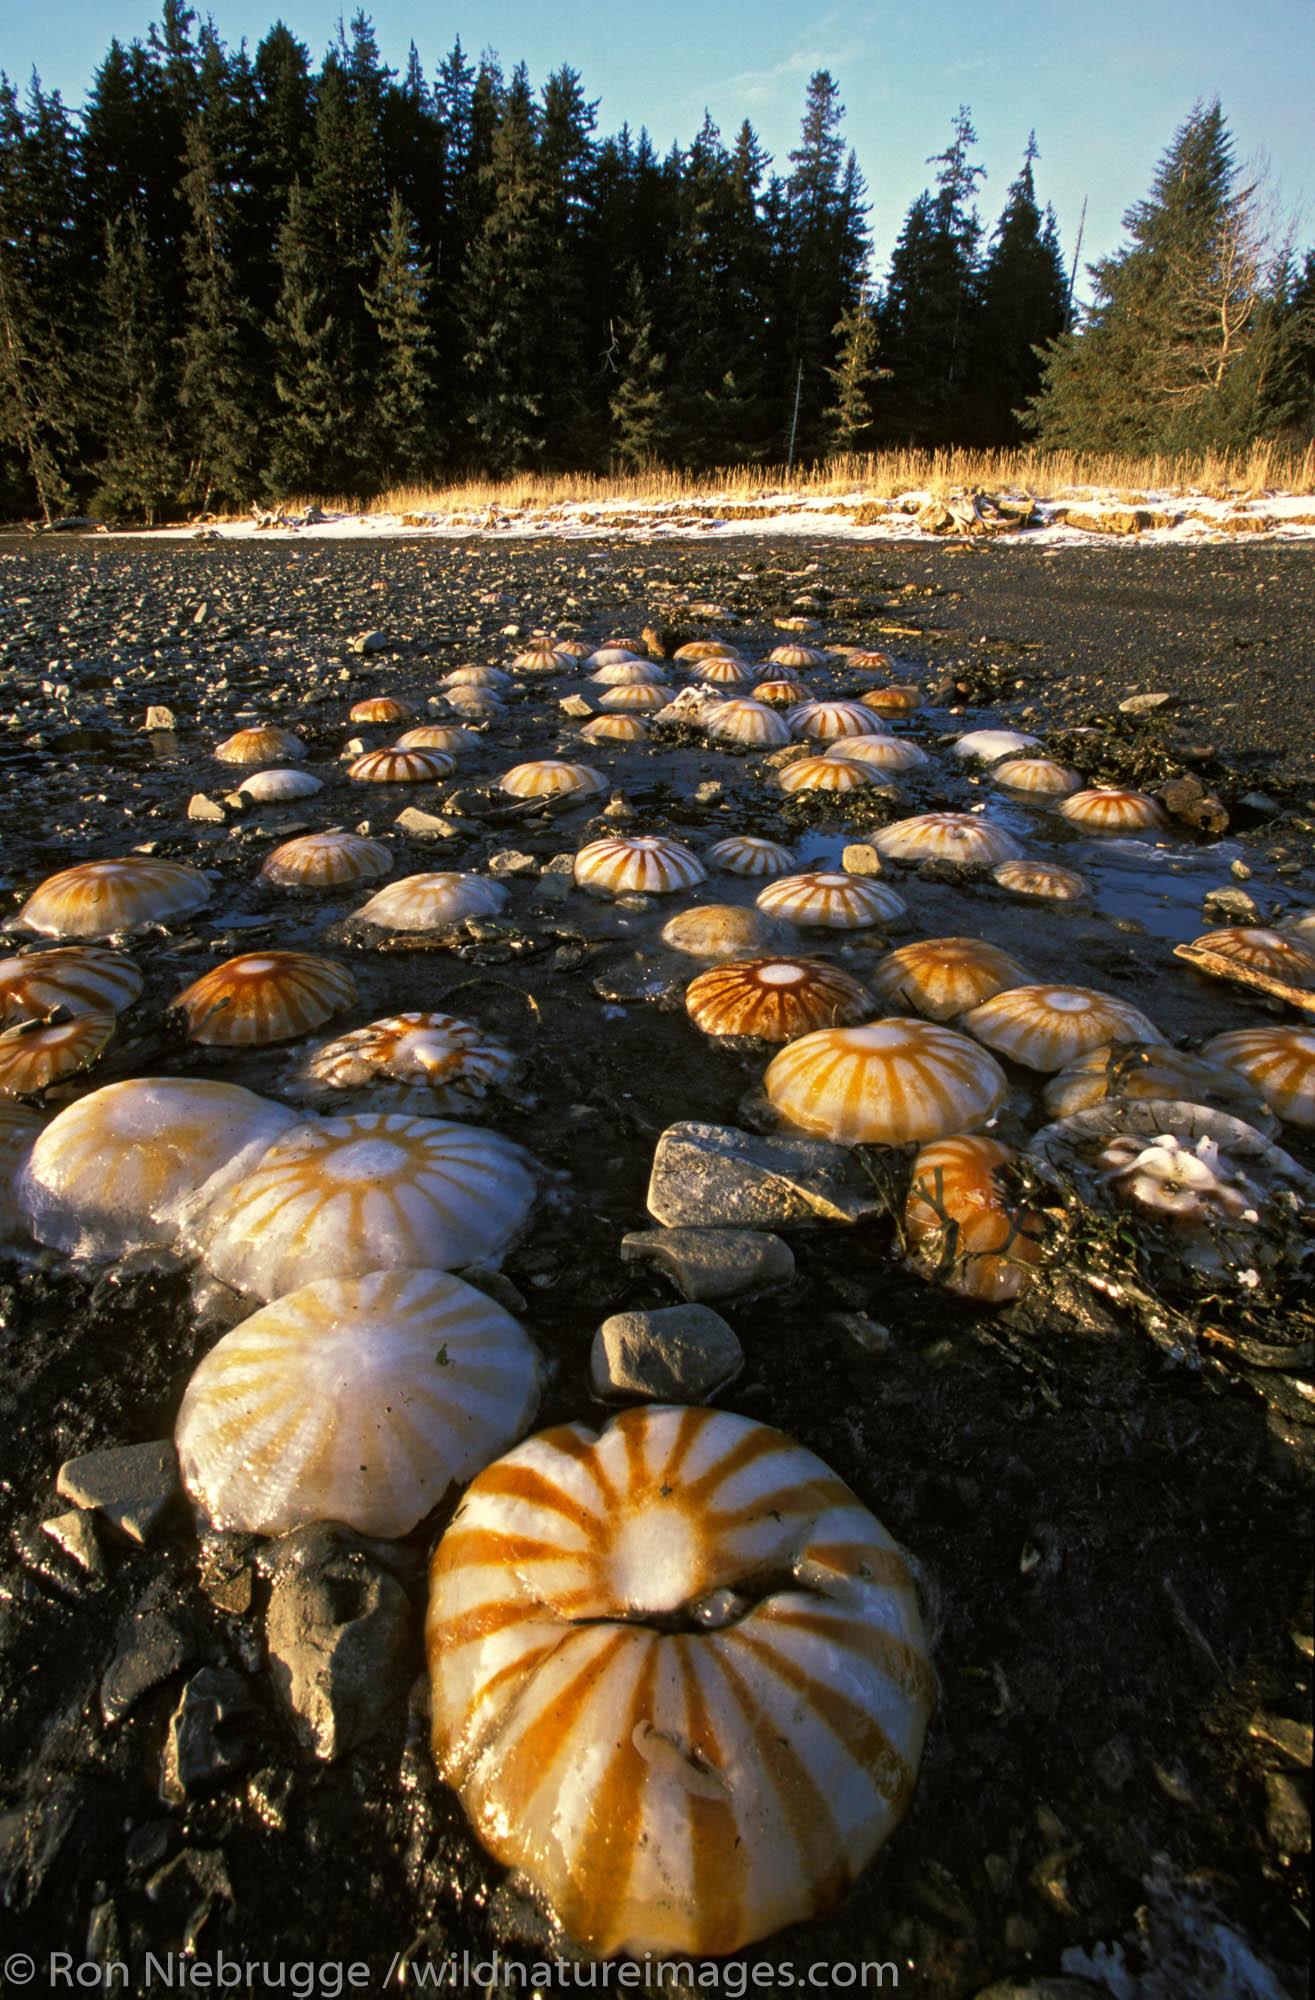 Jellyfish washed up on beach.  Seward, Kenai Peninsula, Alaska.